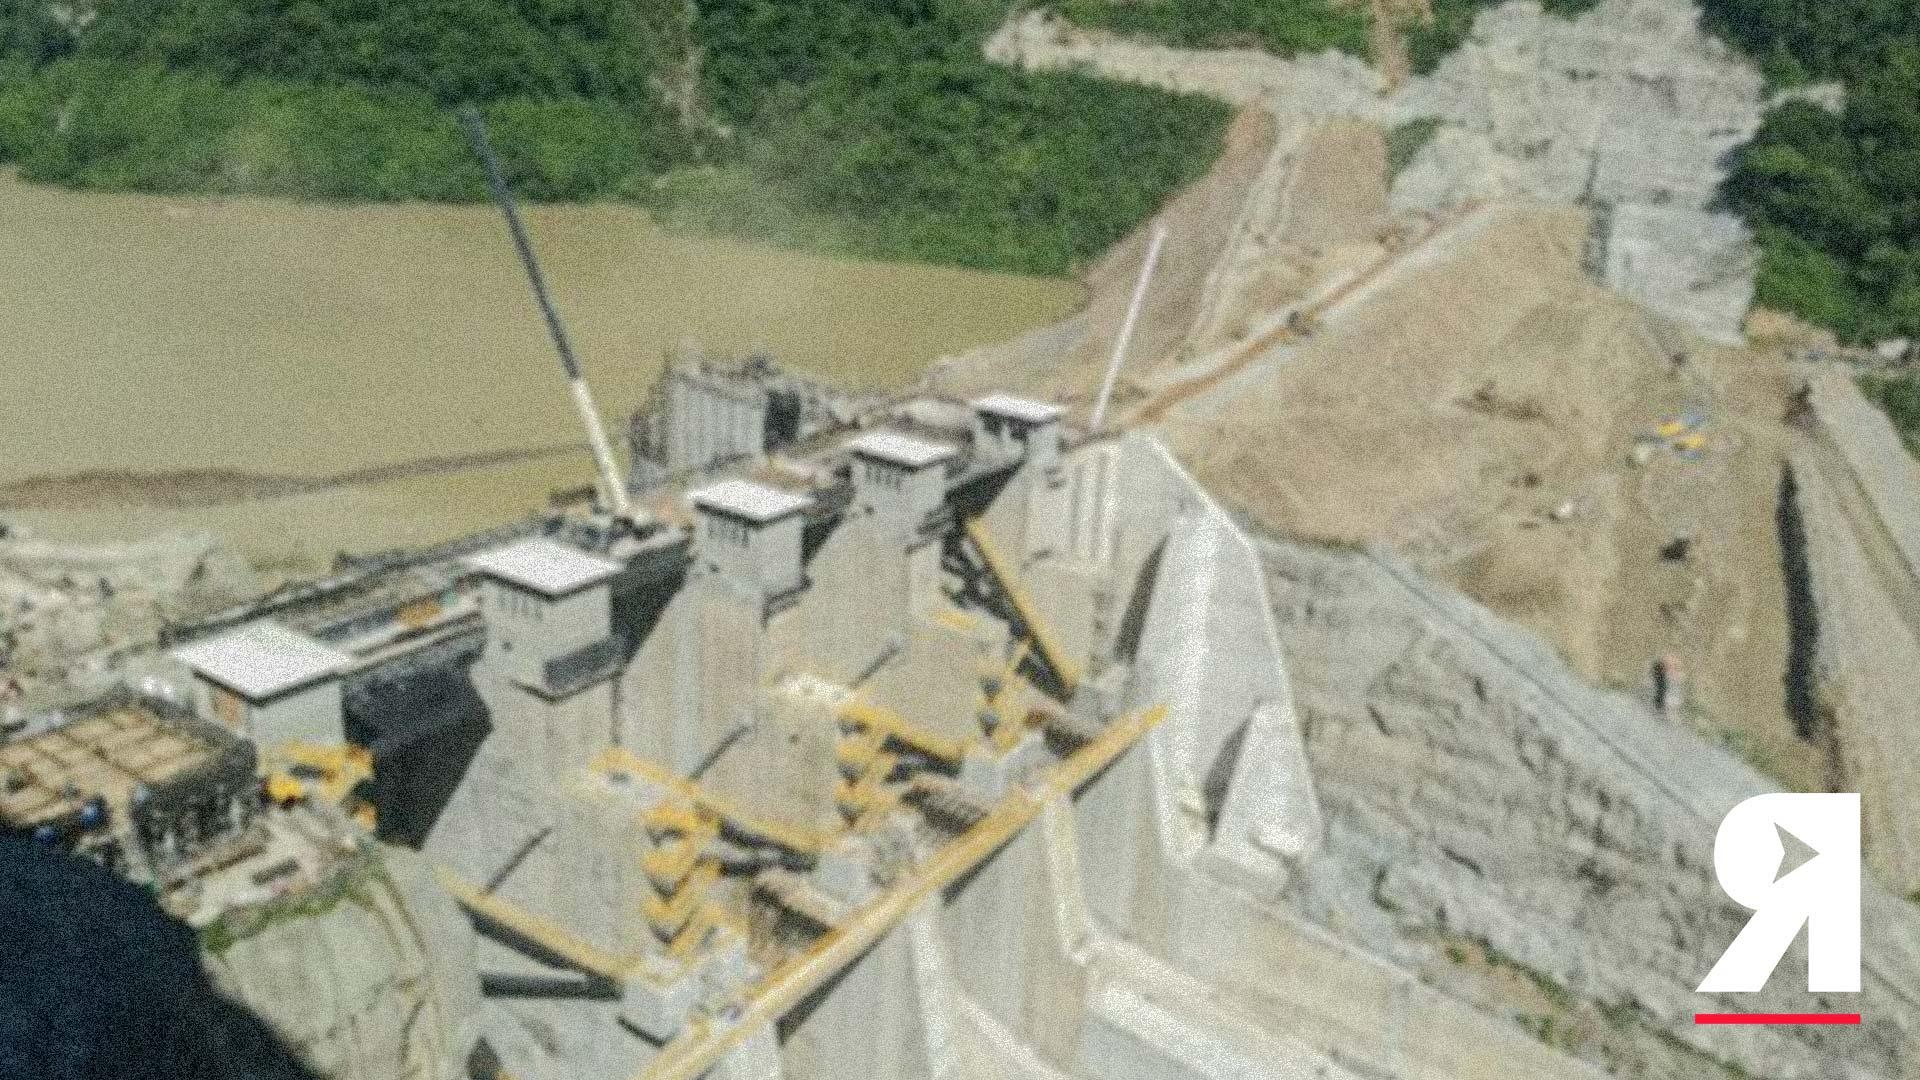 Día de protestas contra Hidroituango: ¿Asumir el fracaso y desmontar el proyecto?